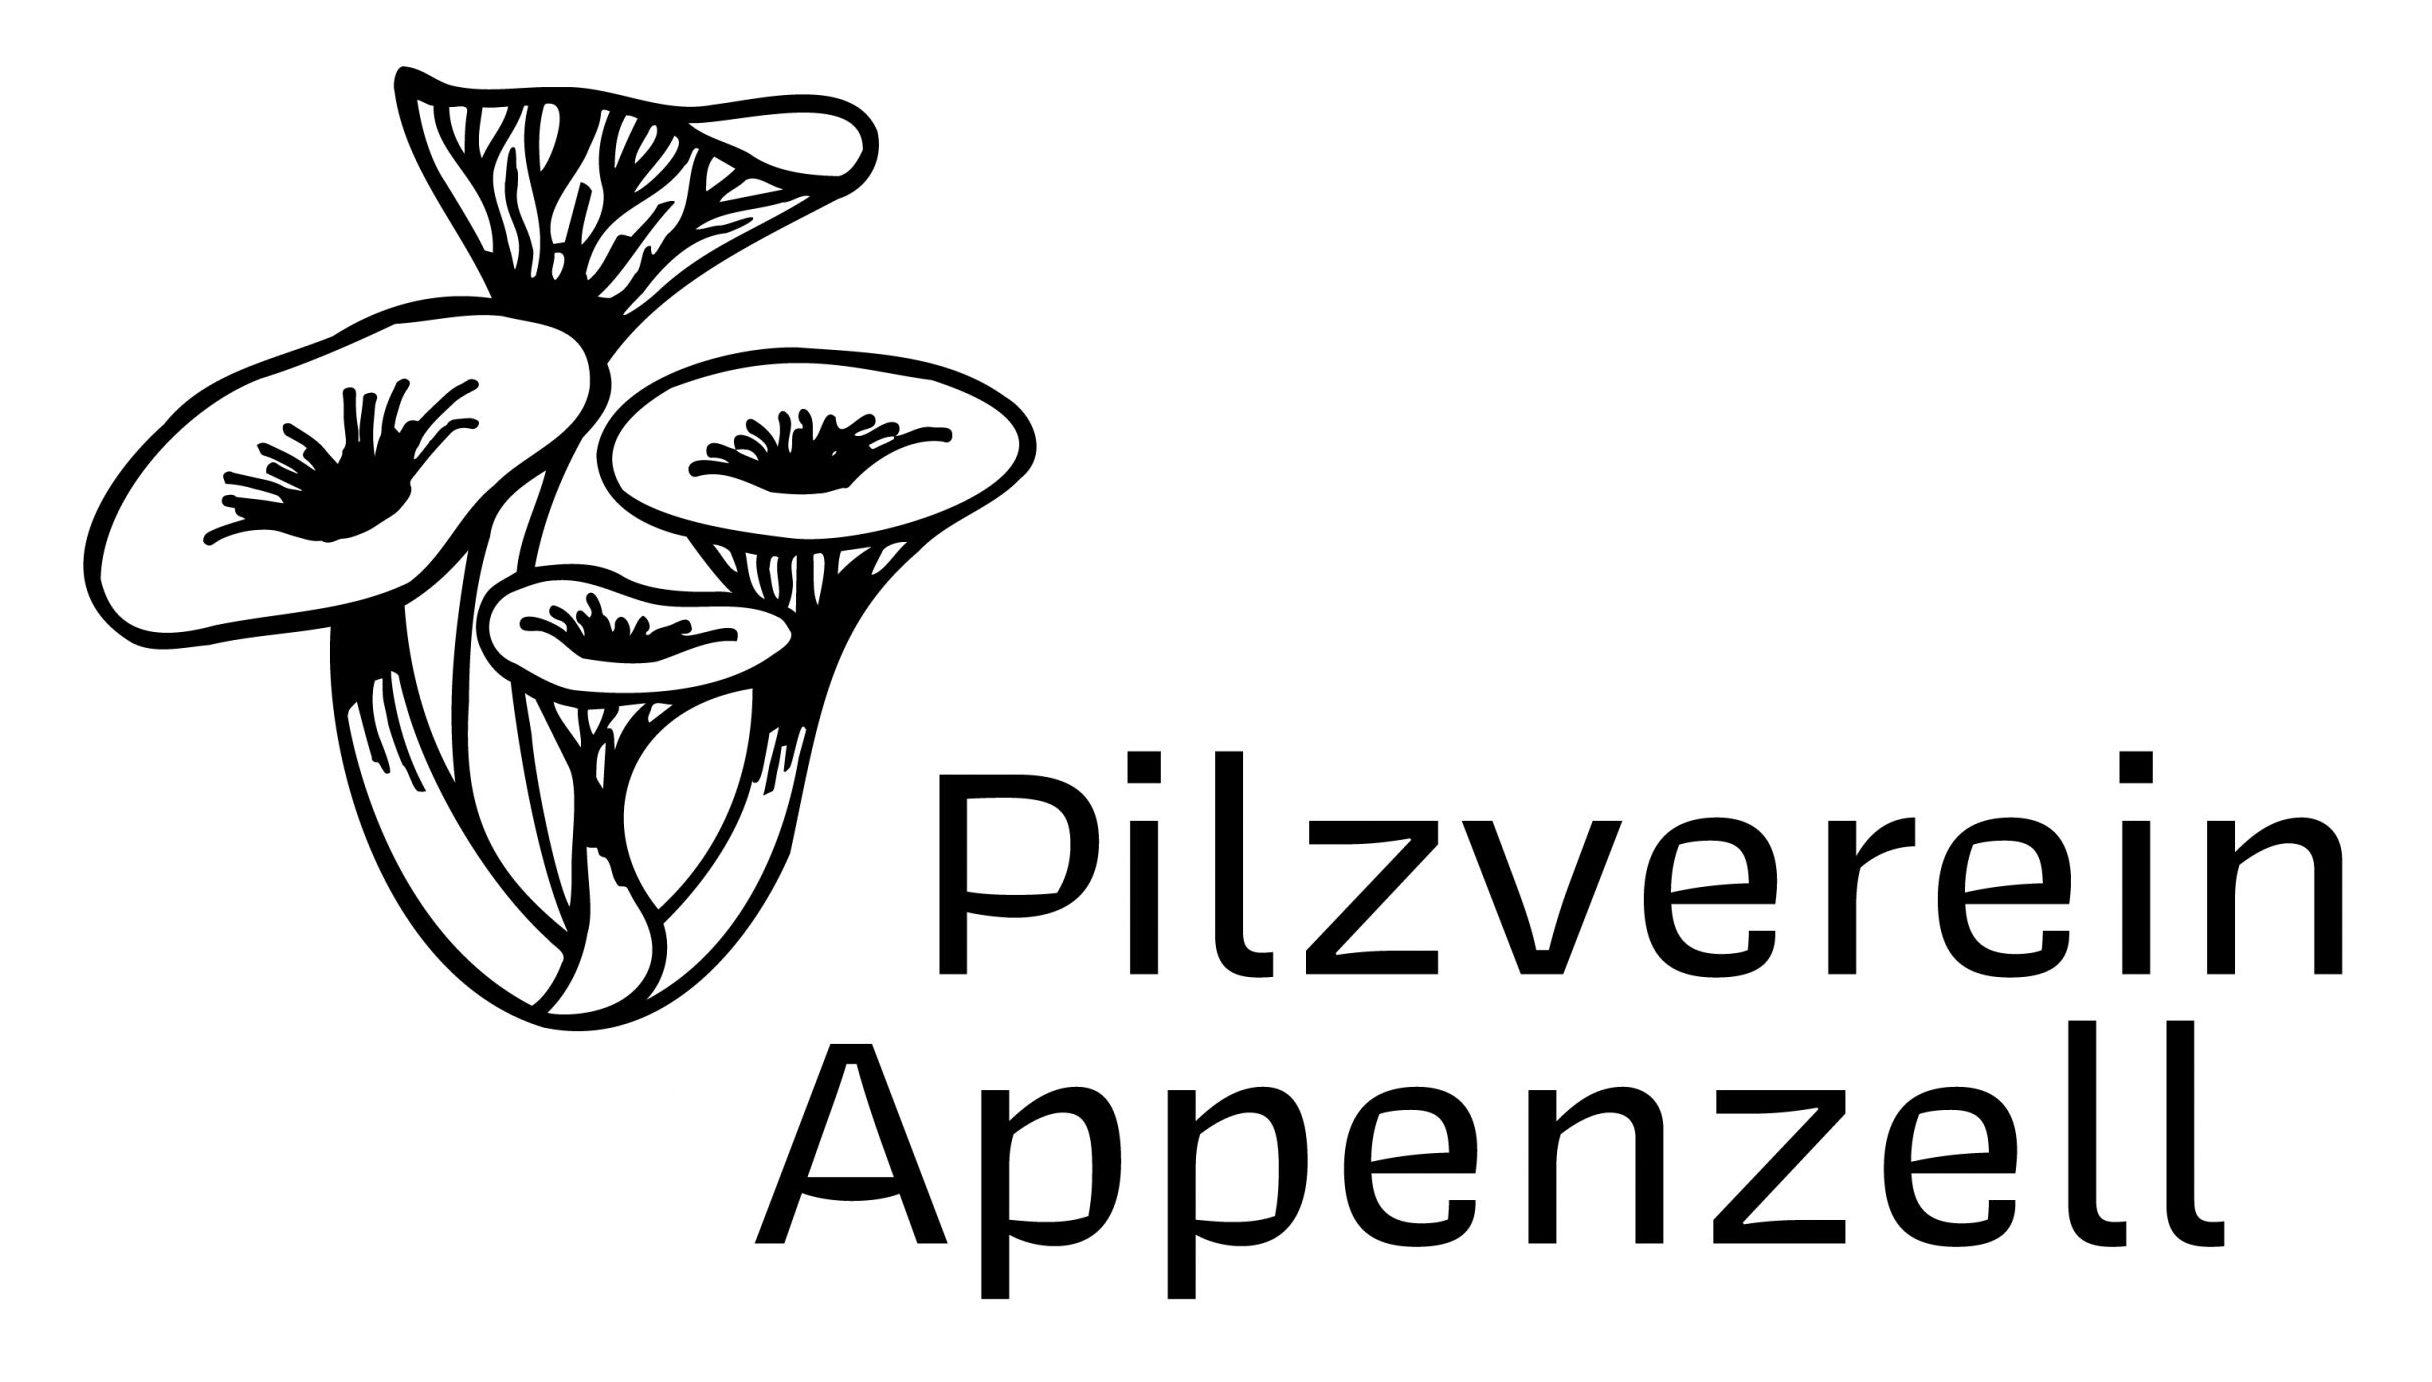 Pilzverein Appenzell